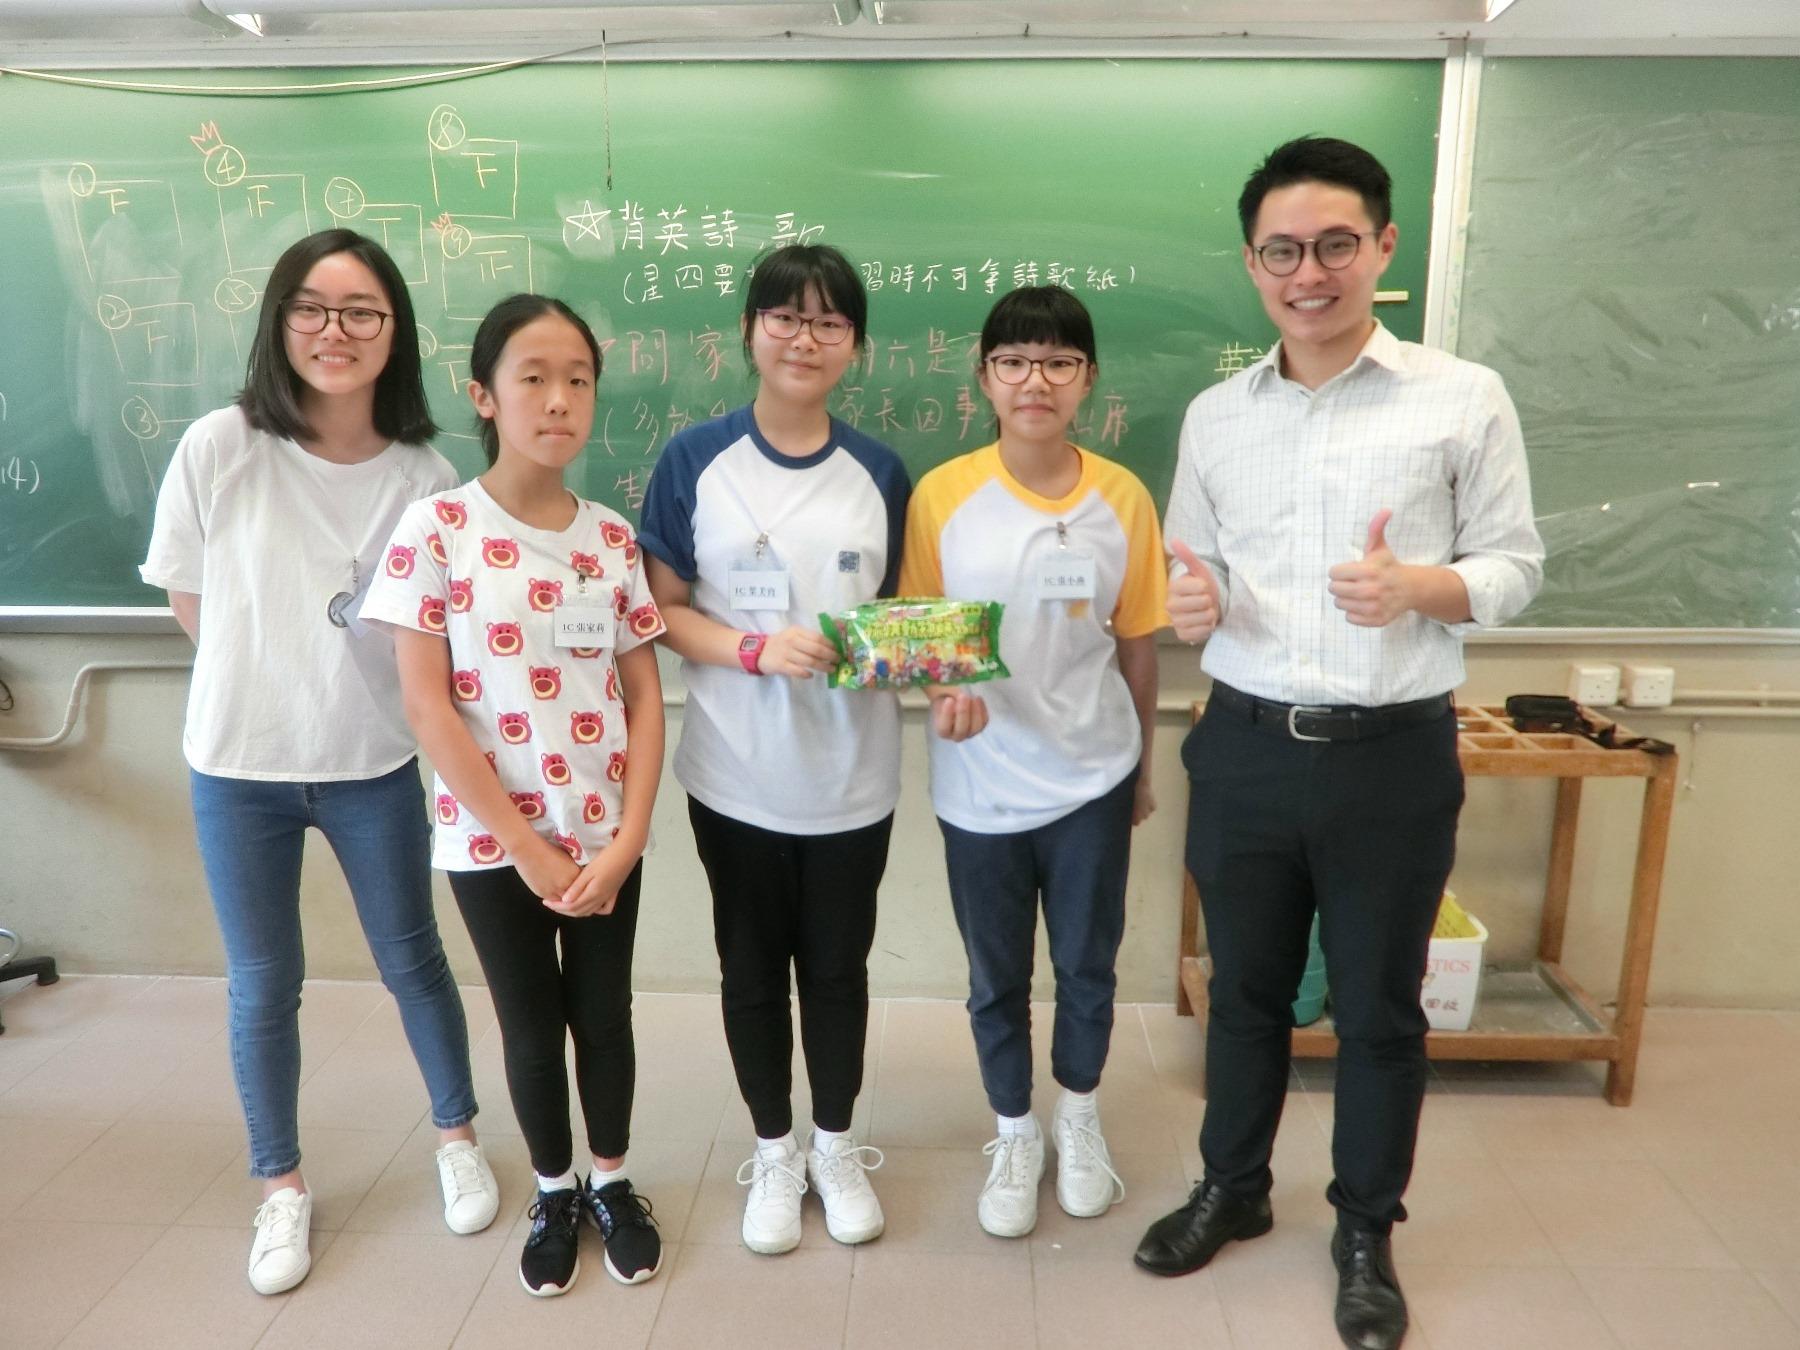 https://www.npc.edu.hk/sites/default/files/1c_dong_dong_nao_jin_da_bi_pin_05.jpg